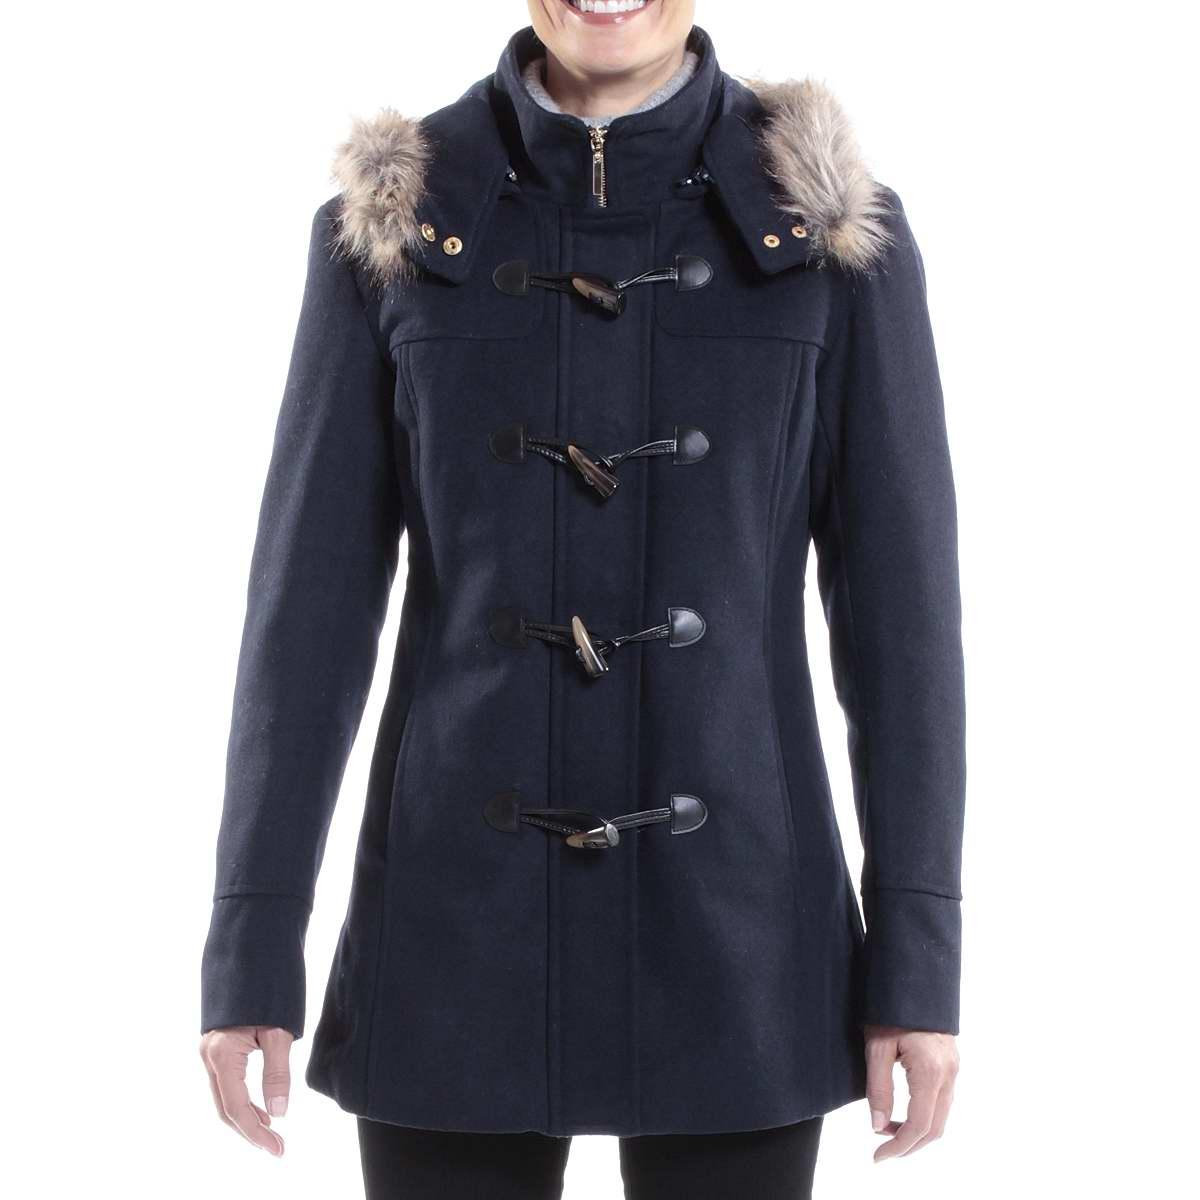 Wool toggle coat women